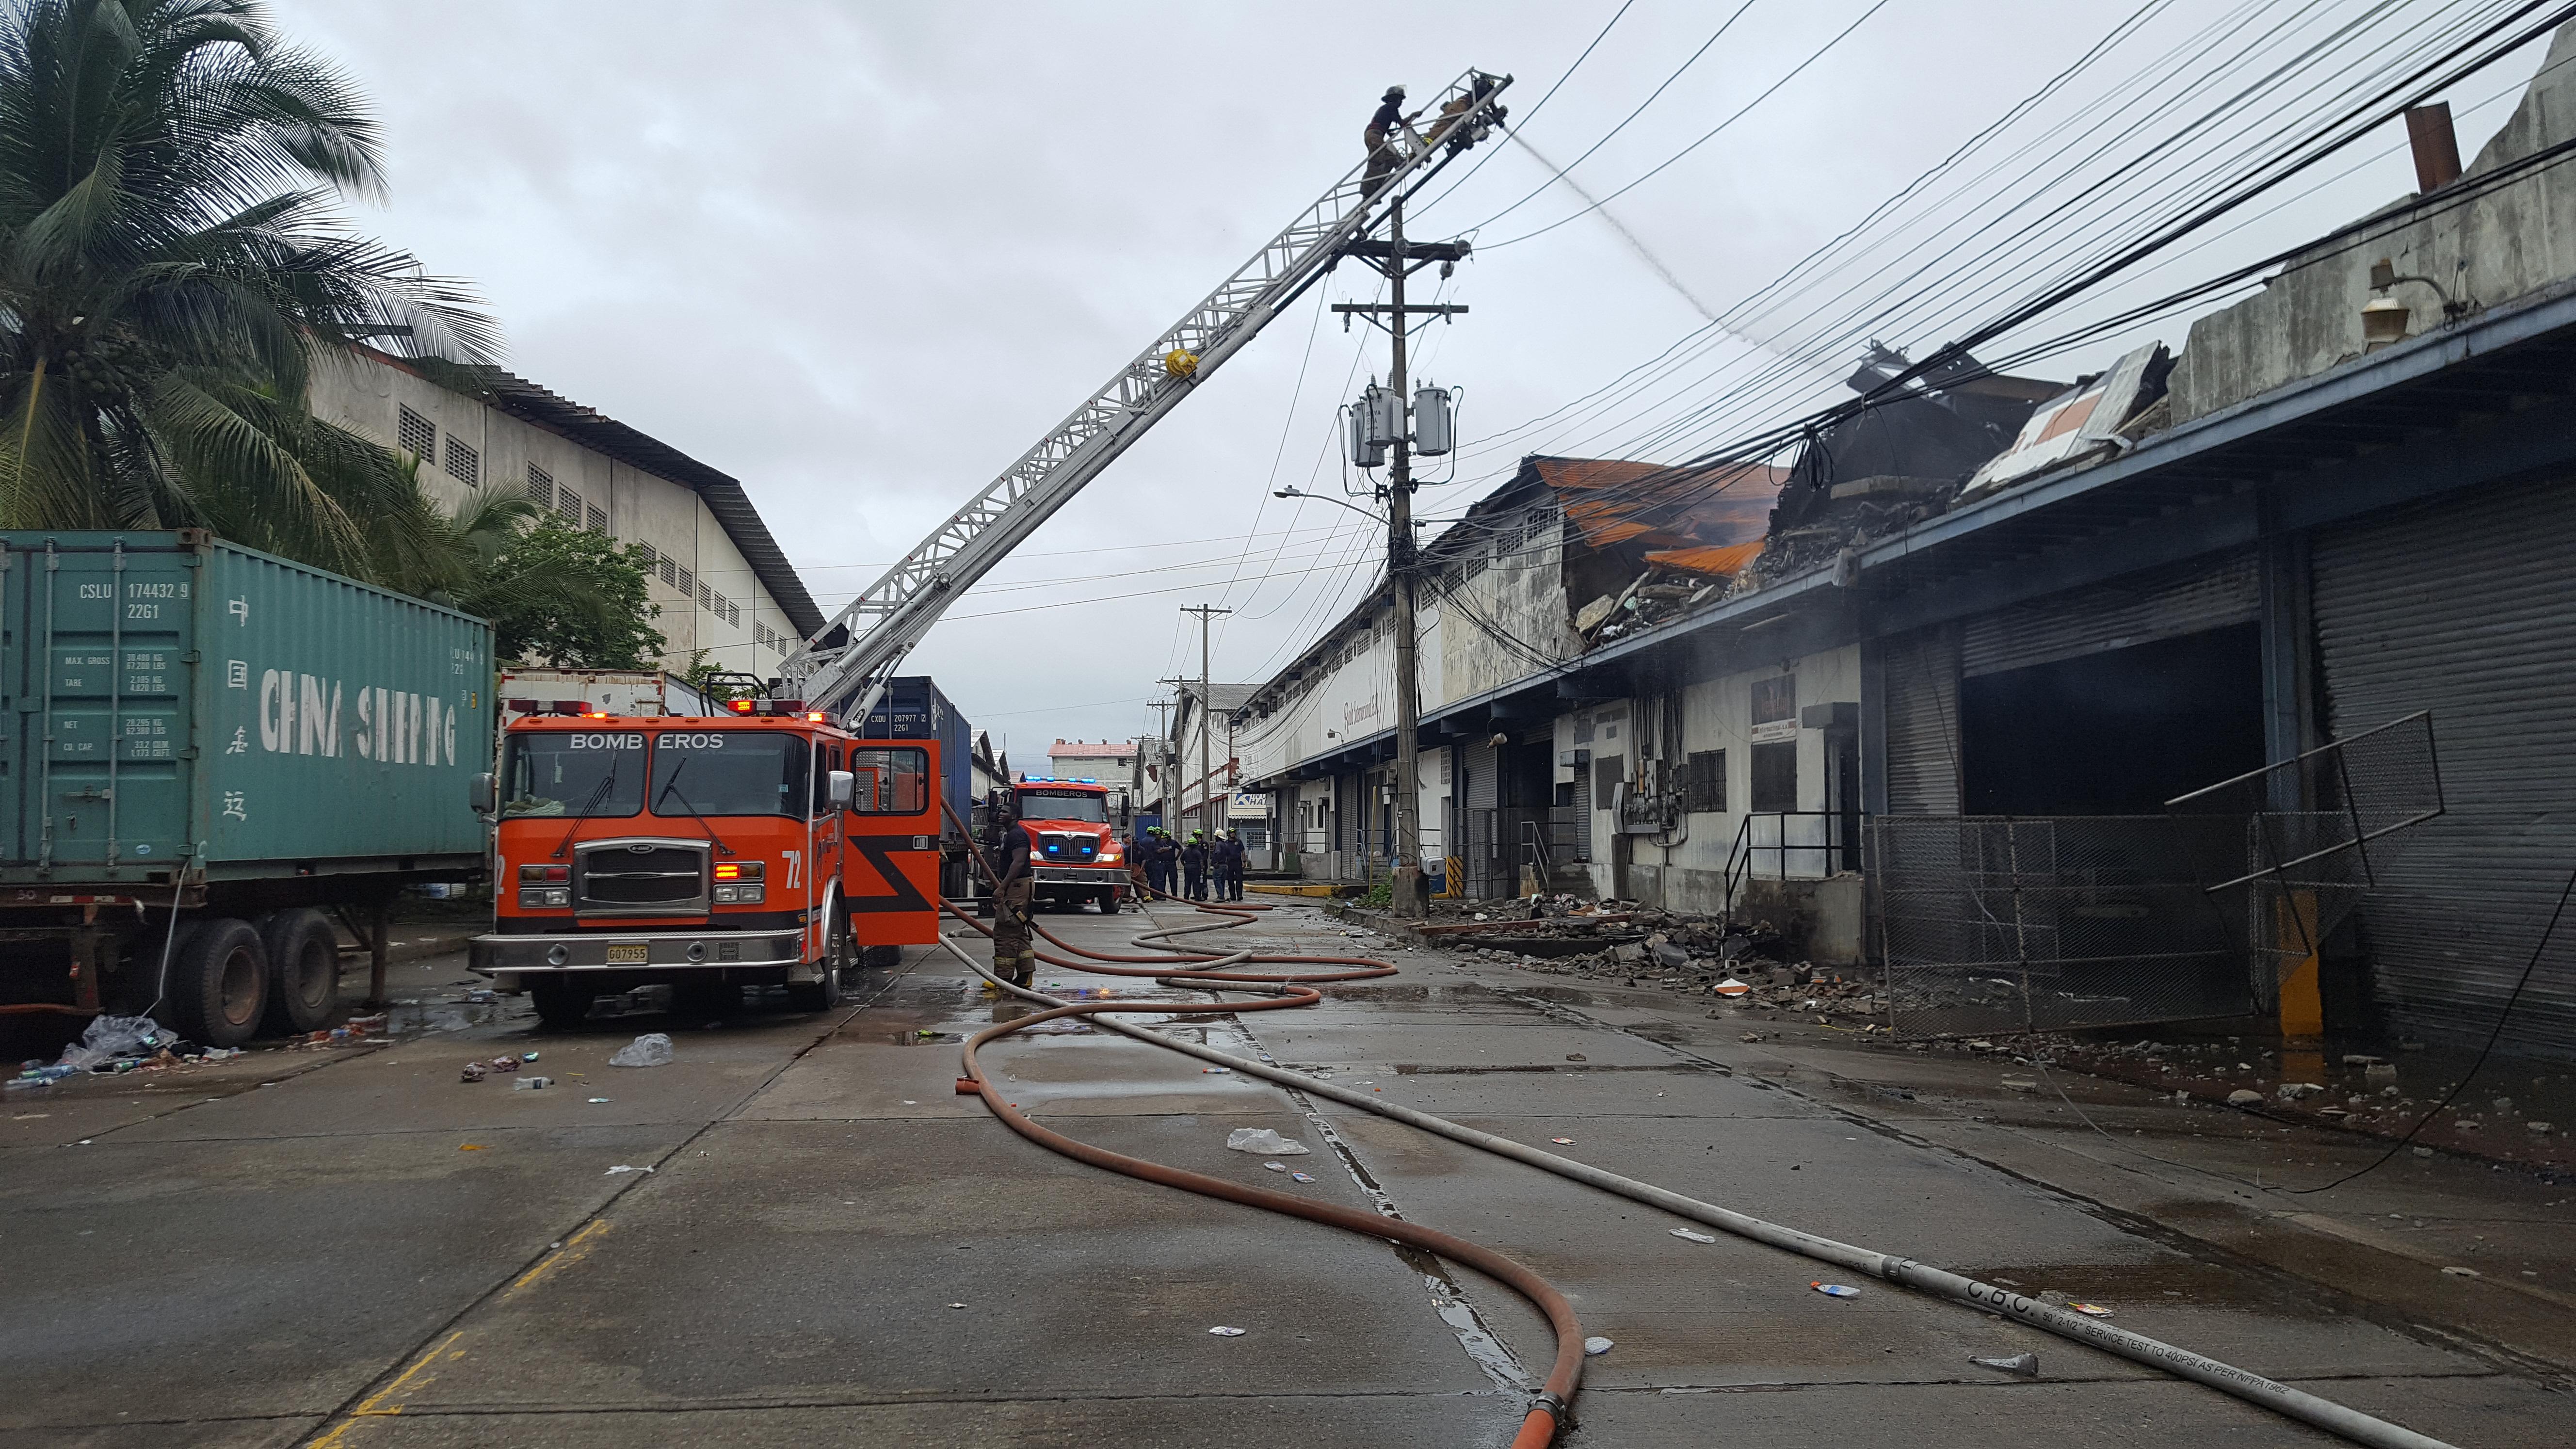 La ZLC sigue evaluando afectaciones por incendio en bodegas en el área de France Field